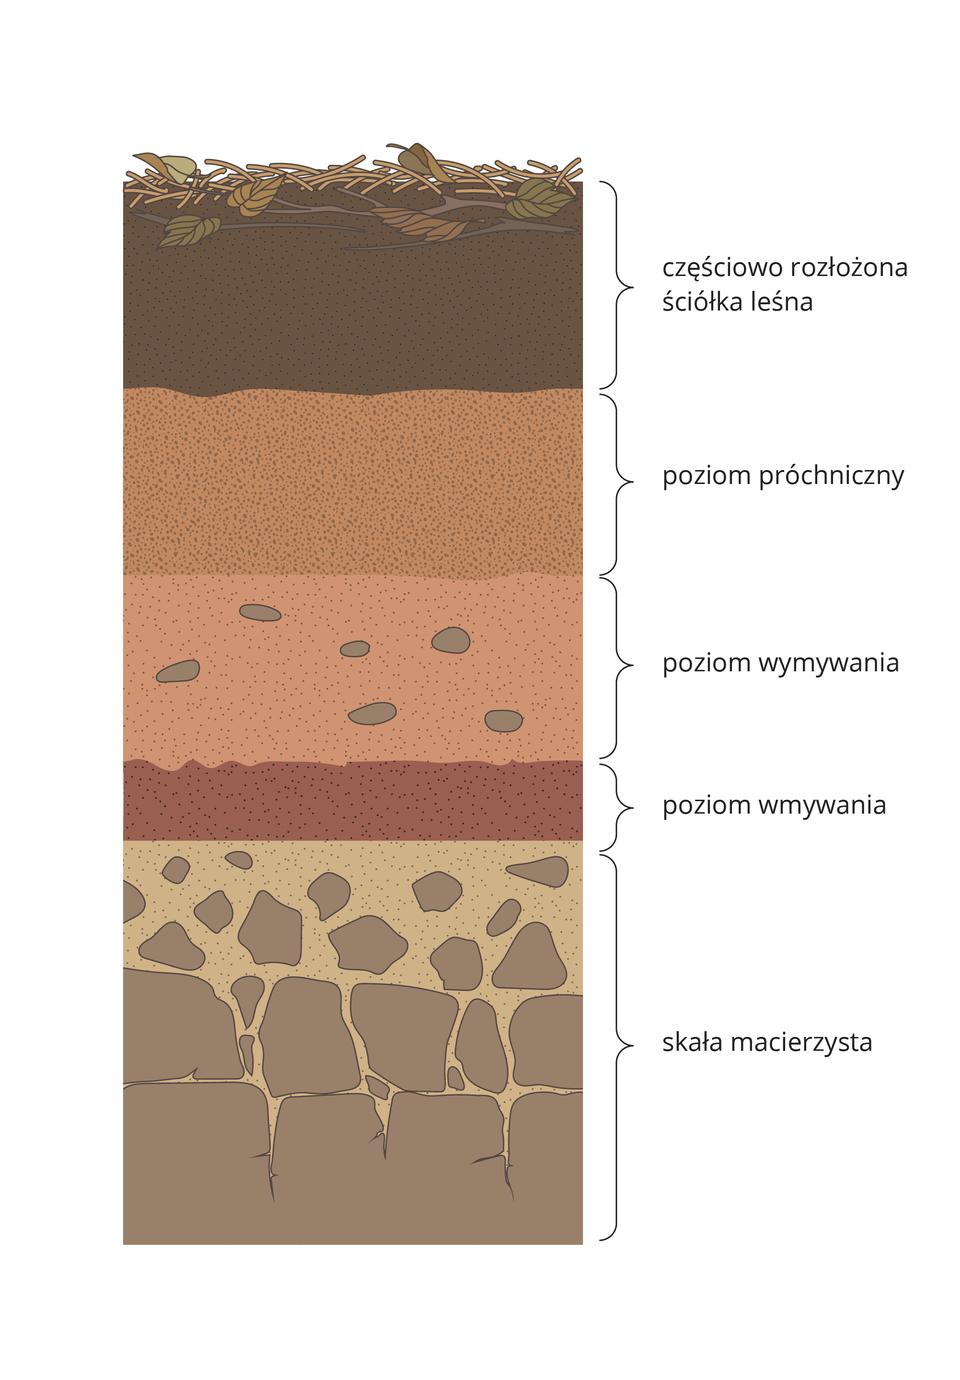 Ilustracja prezentuje przekrój profilu glebowego, na którym od dołu widać kolejno warstwy: skała macierzysta, poziom wmywania, poziom wymywania, poziom próchnicy, częściowo rozłożona ściółka leśna.